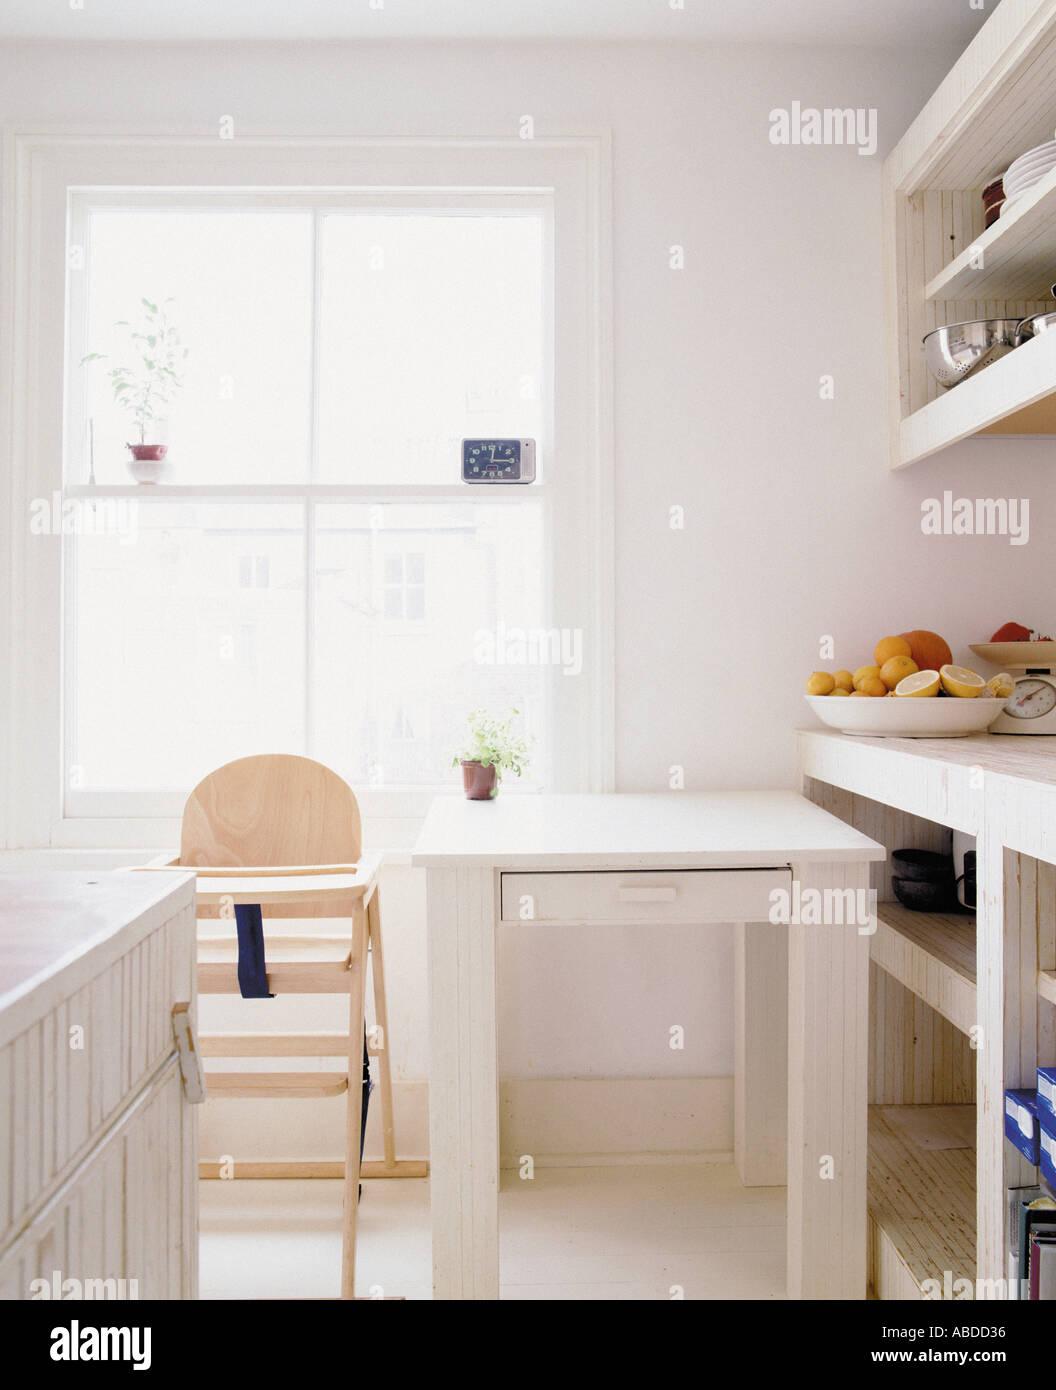 Küche Mit Esstisch Und Kinderhochstuhl